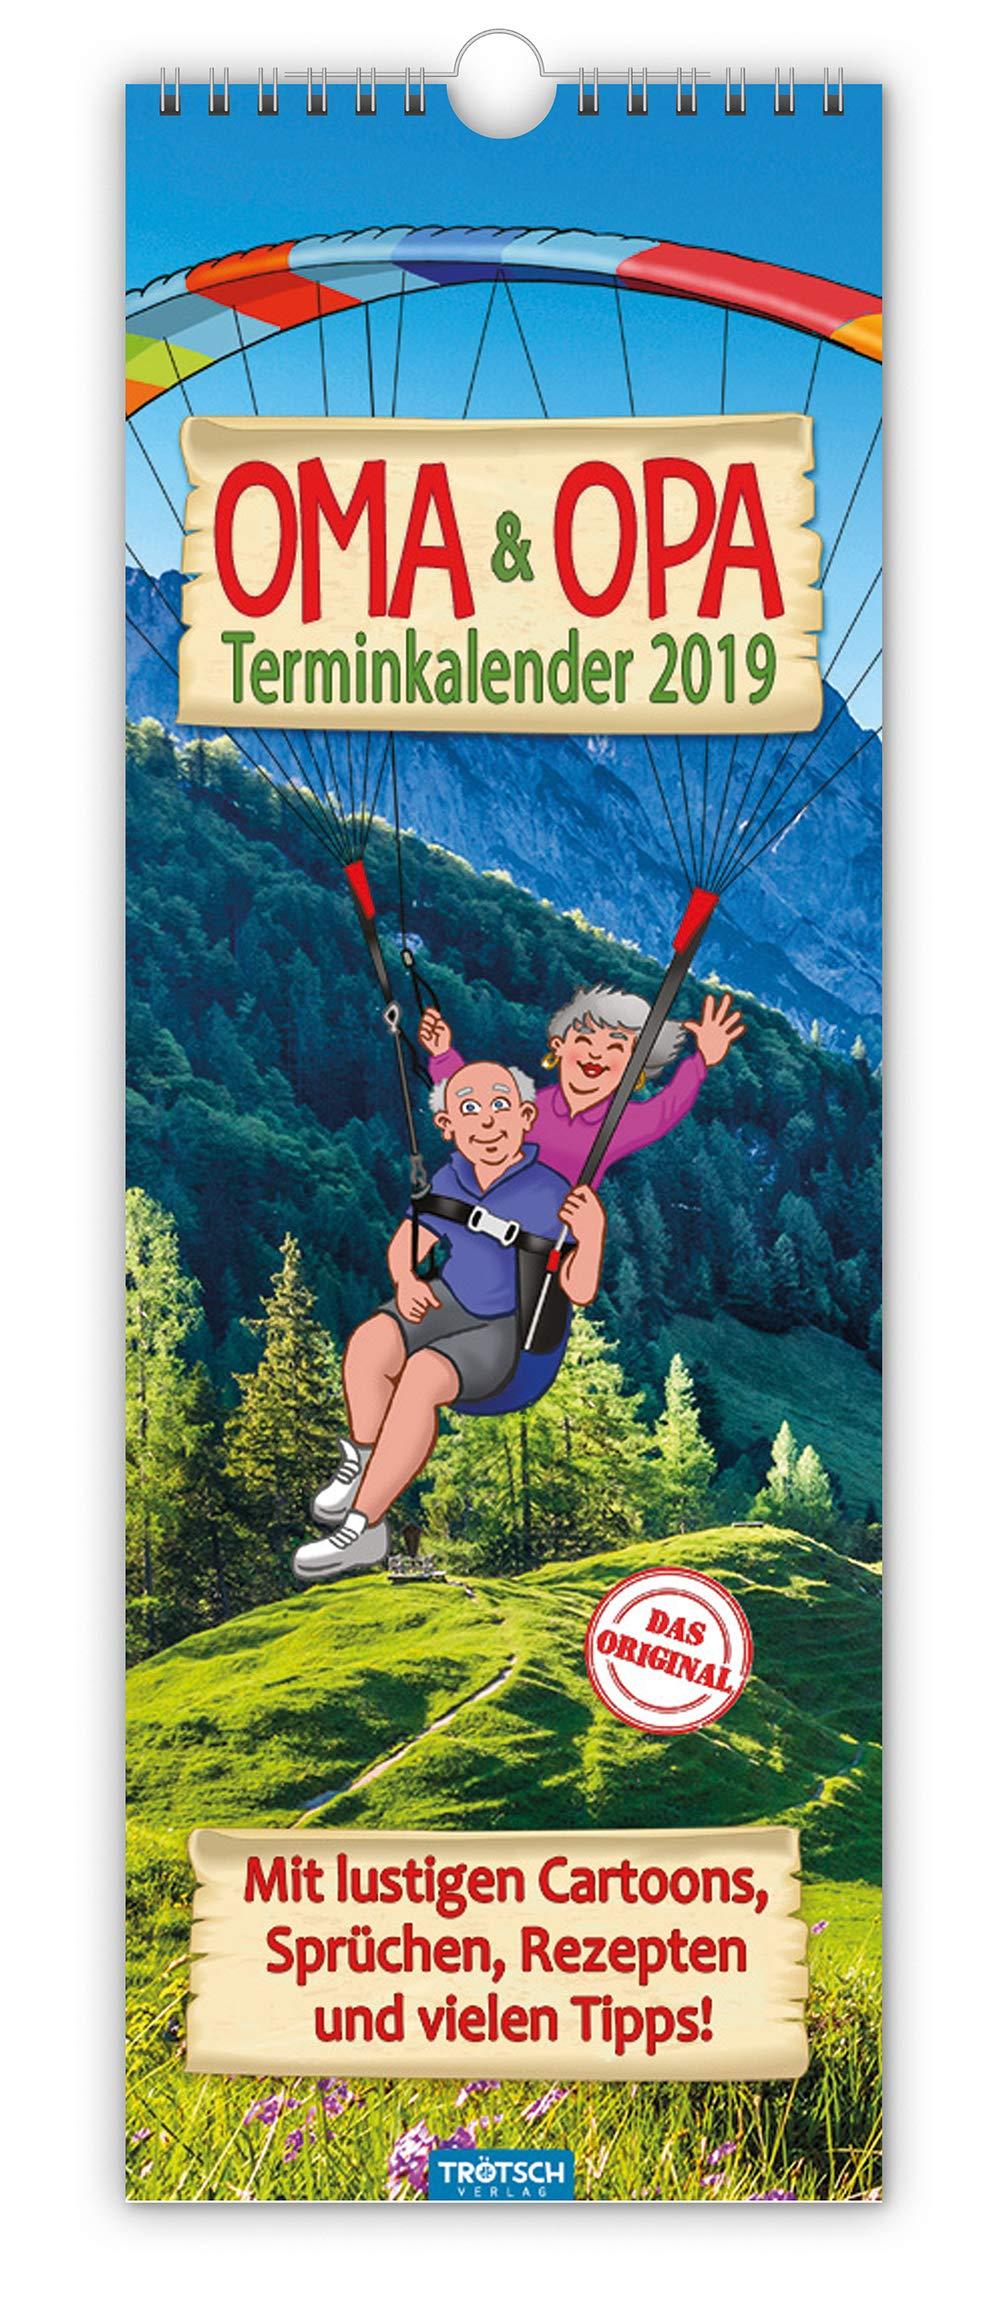 Familienkalender Oma & Opa 2019 Terminkalender Notizkalender für Großeltern: Mit lustigen Cartoons, Sprüchen, Rezepten und vielen Tipps !